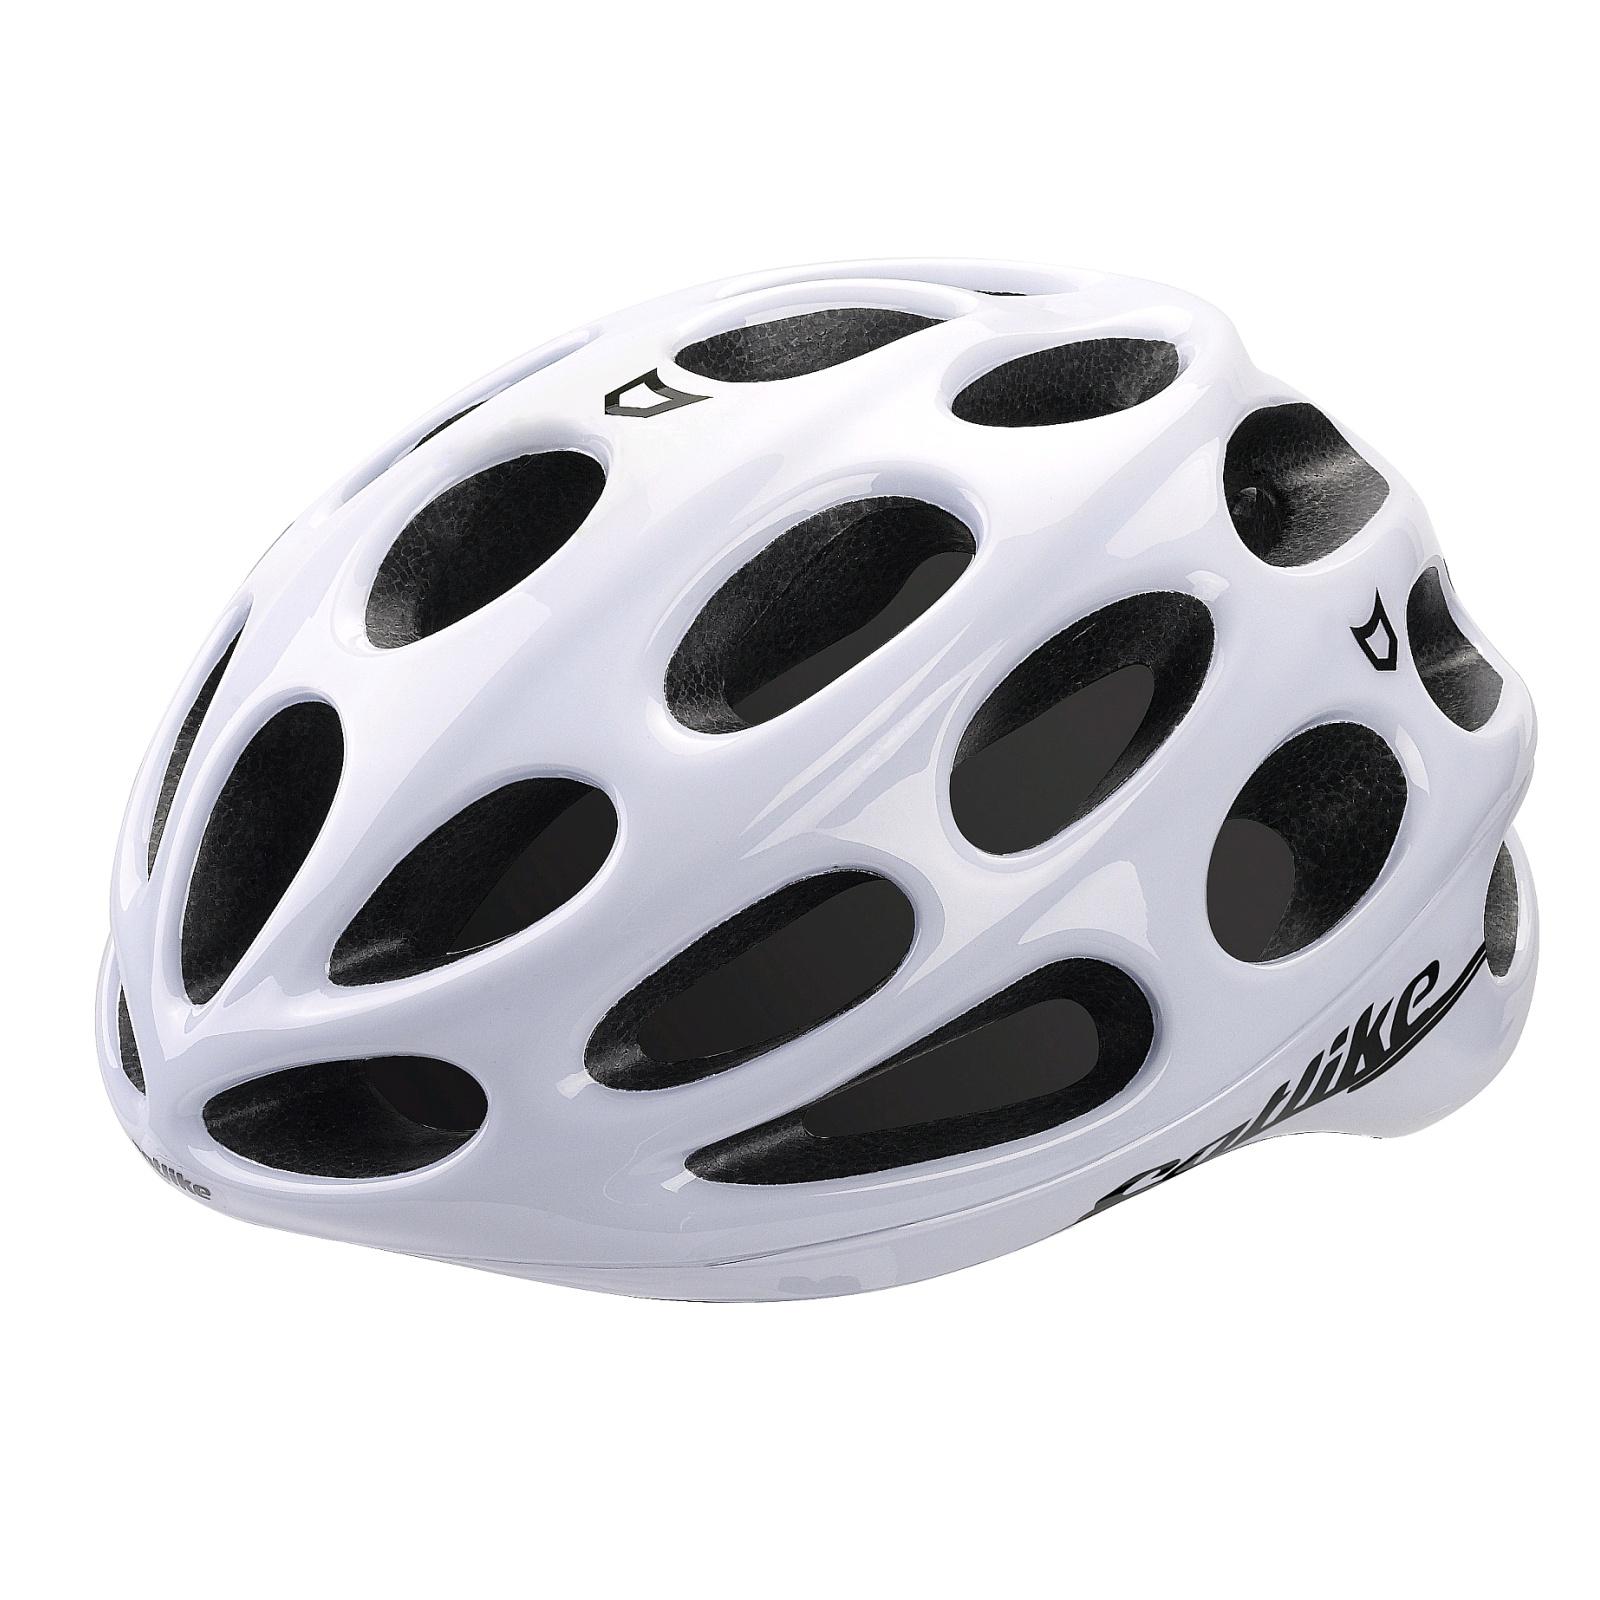 Cyklo přilba CATLIKE Olula bílá - vel. LG